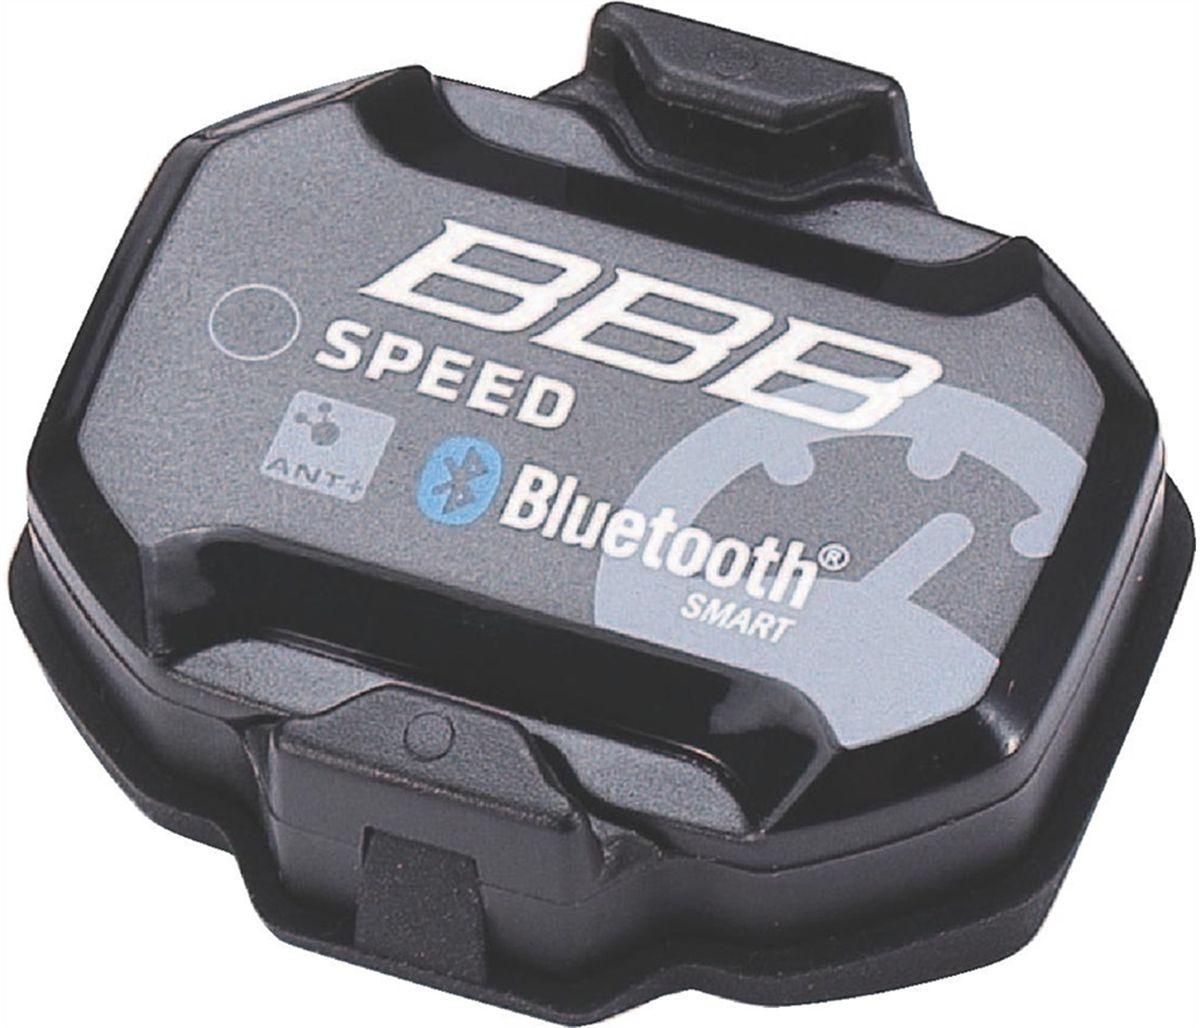 Датчик для велокомпьютера BBB Transmitterset SmartSpeed ANT+ BluetoothBCP-65Очень простой в установке беспроводной двухдиапазонный датчик скорости, работающий без магнитов. Совместим со всеми устройствами, поддерживающих протоколы передачи данных Bluetooth® 4.0 и ANT+. Не требуются какие-либо дополнительные настройки при установке, просто прикрепите на велосипед - и вперёд! Простой в установке, можно легко перестанавливать с велосипеда на велосипед. Датчик пристёгивается к втулке переднего, или заднего колеса. Светодиодный индикатор режима работы.